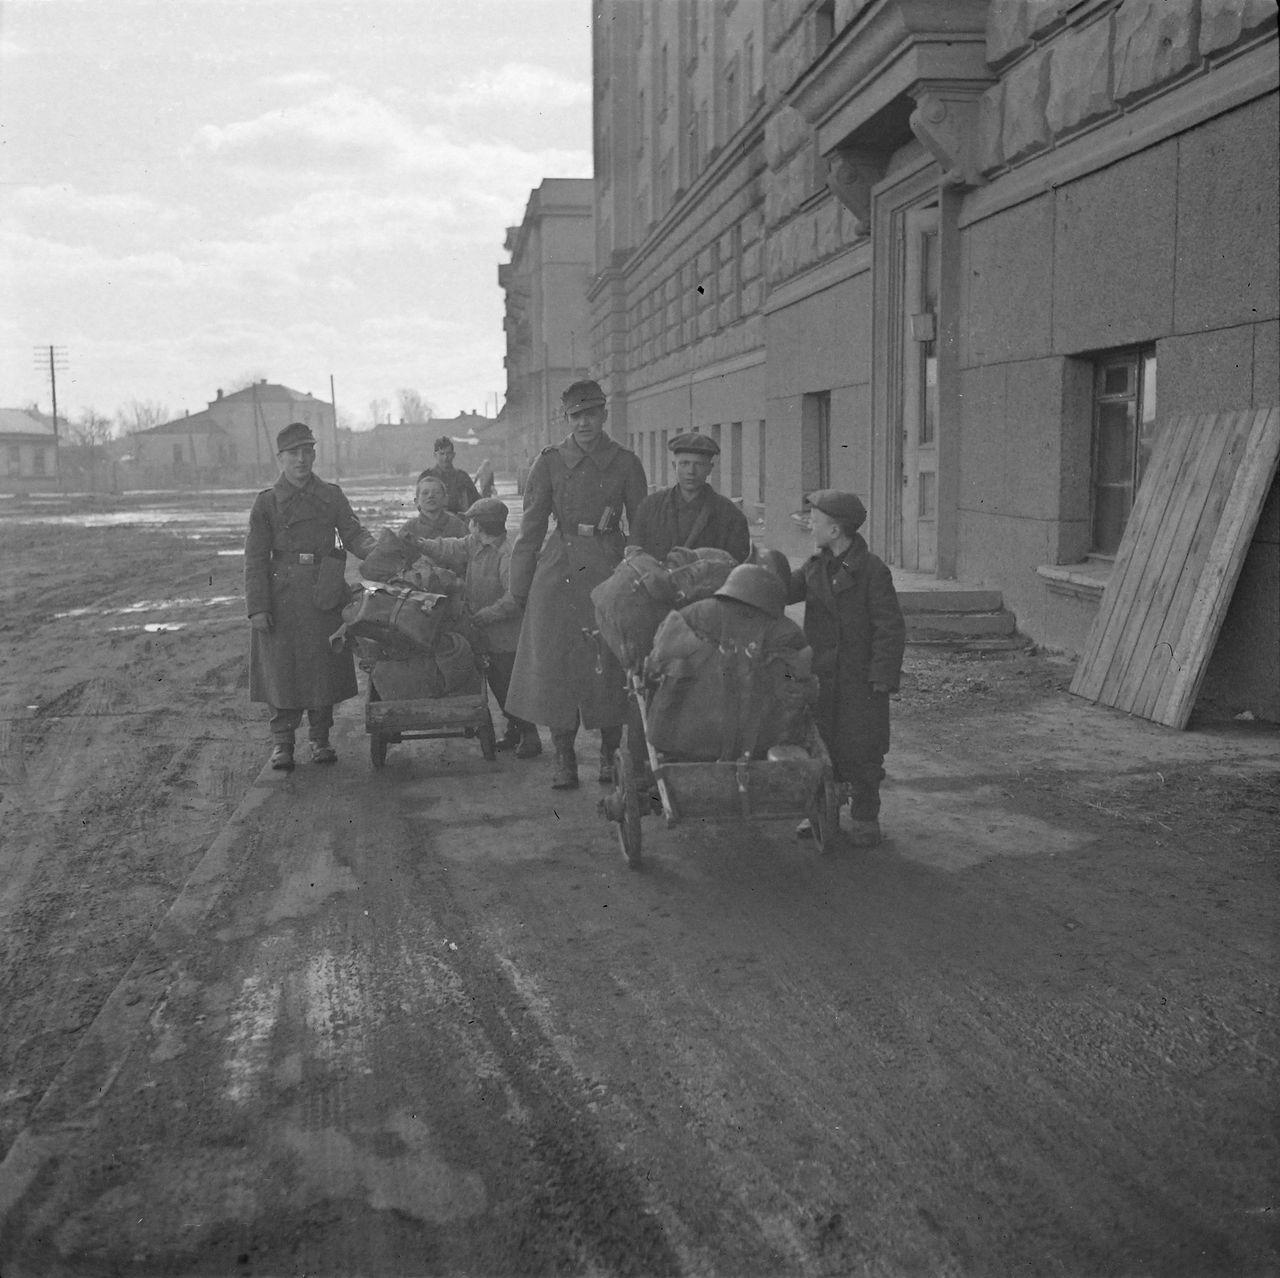 1942. Подростки перевозят вещи немецких солдат в оккупированном Киеве